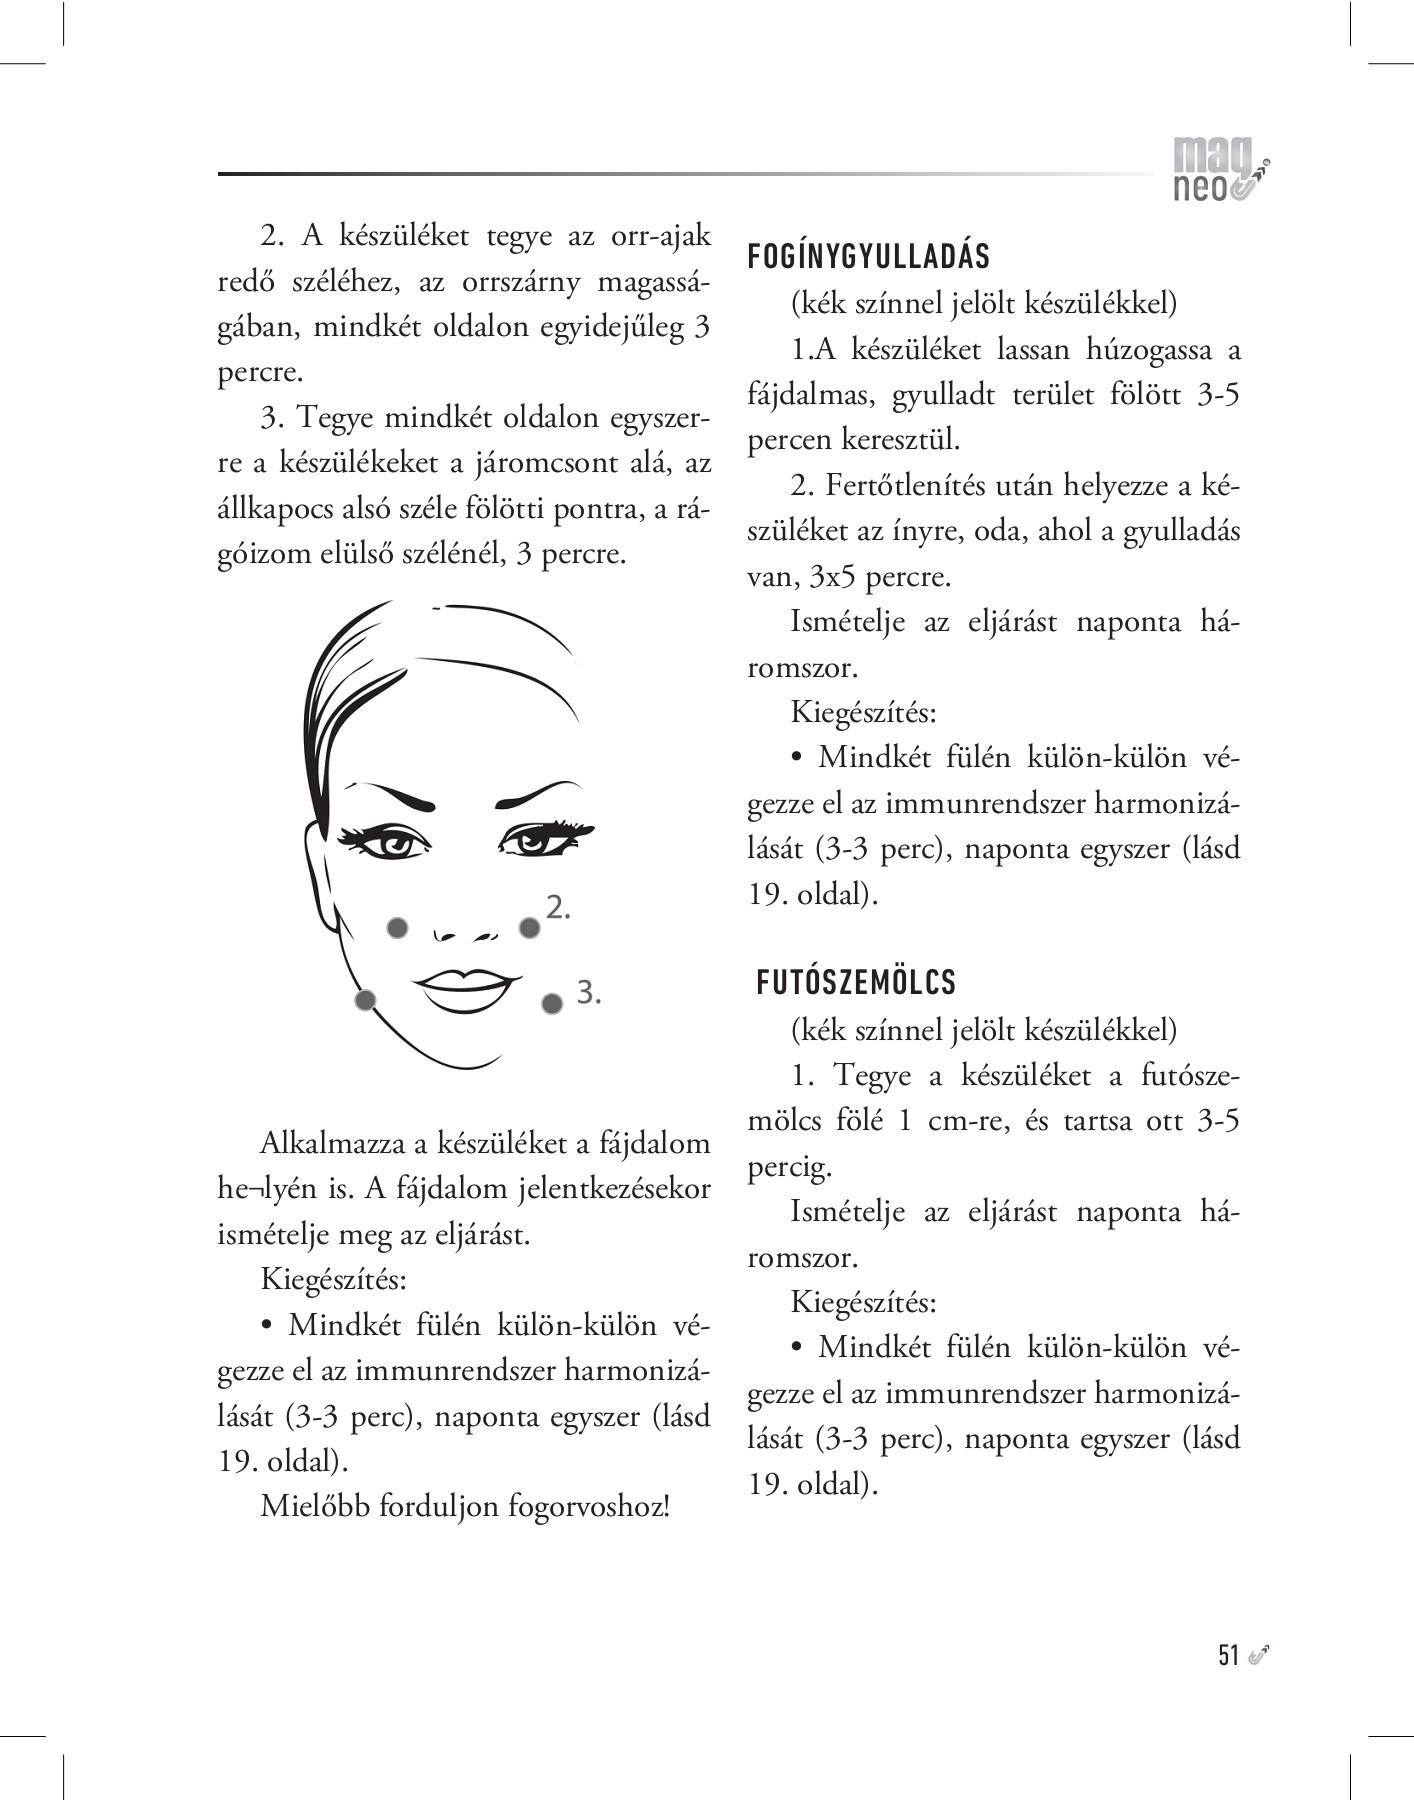 kiegészítés méregtelenítés tünetei